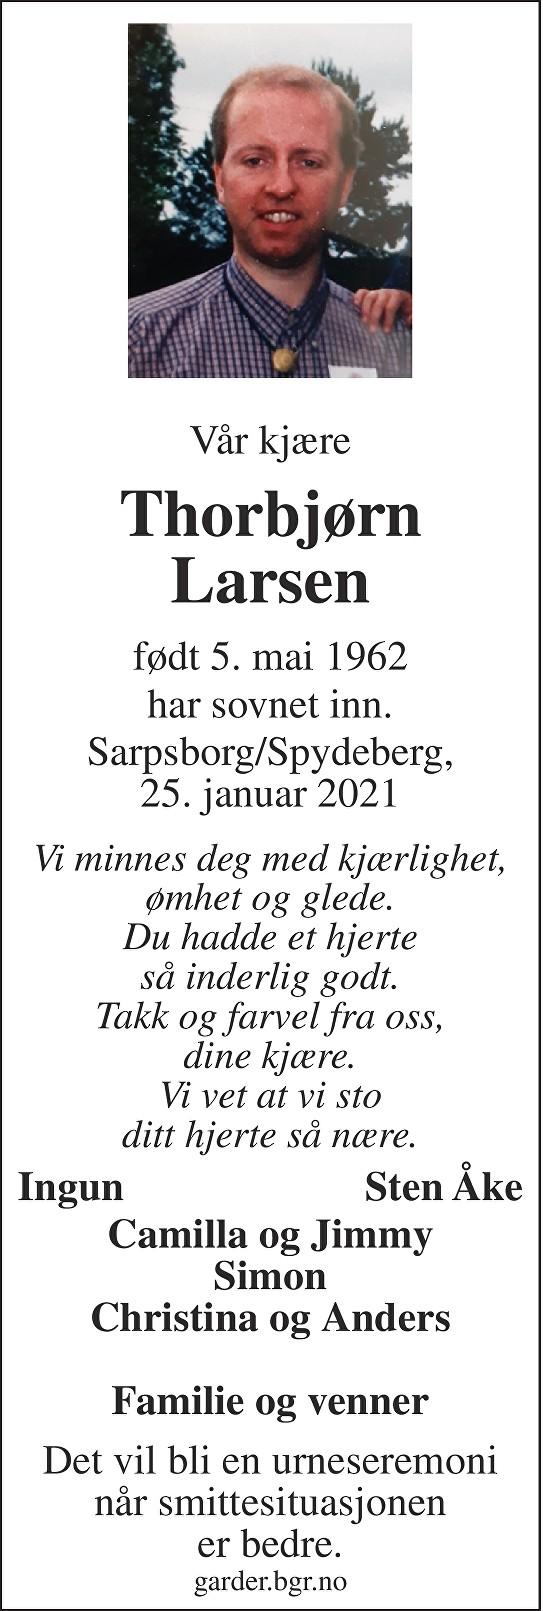 Thorbjørn Larsen Dødsannonse